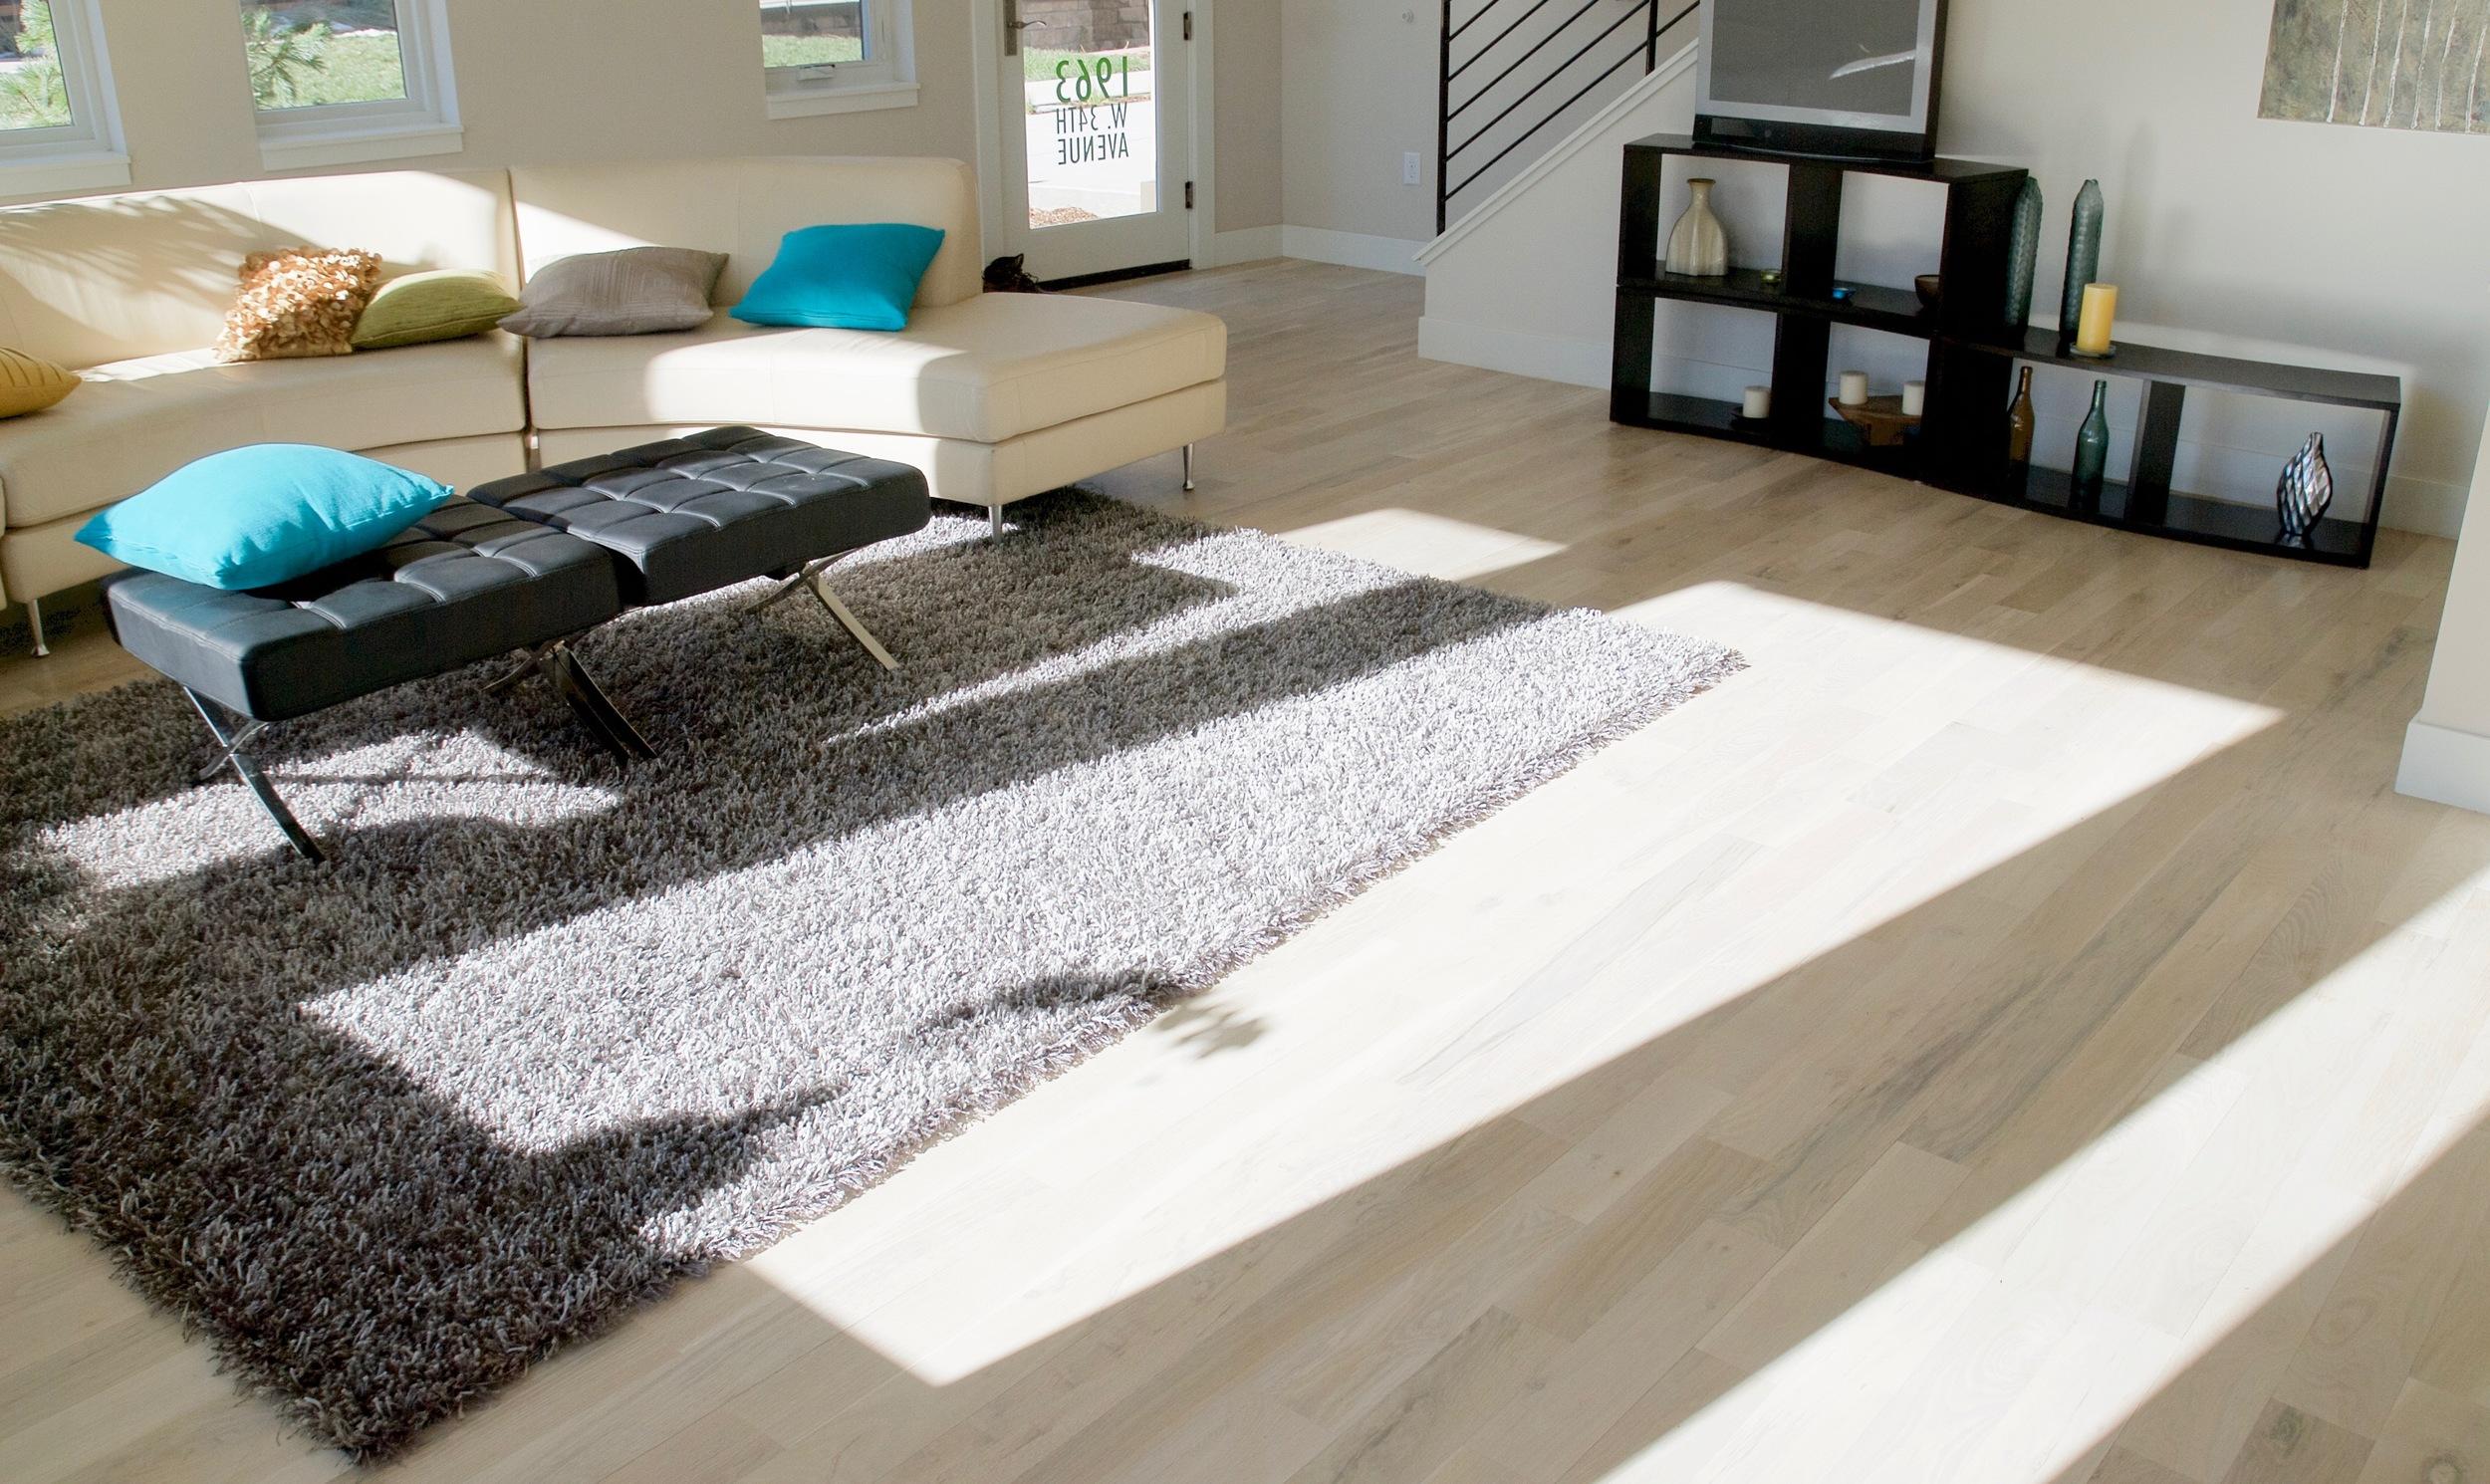 Third image of Residential Hardwood Flooring for Tejon Denver by ASA Flooring